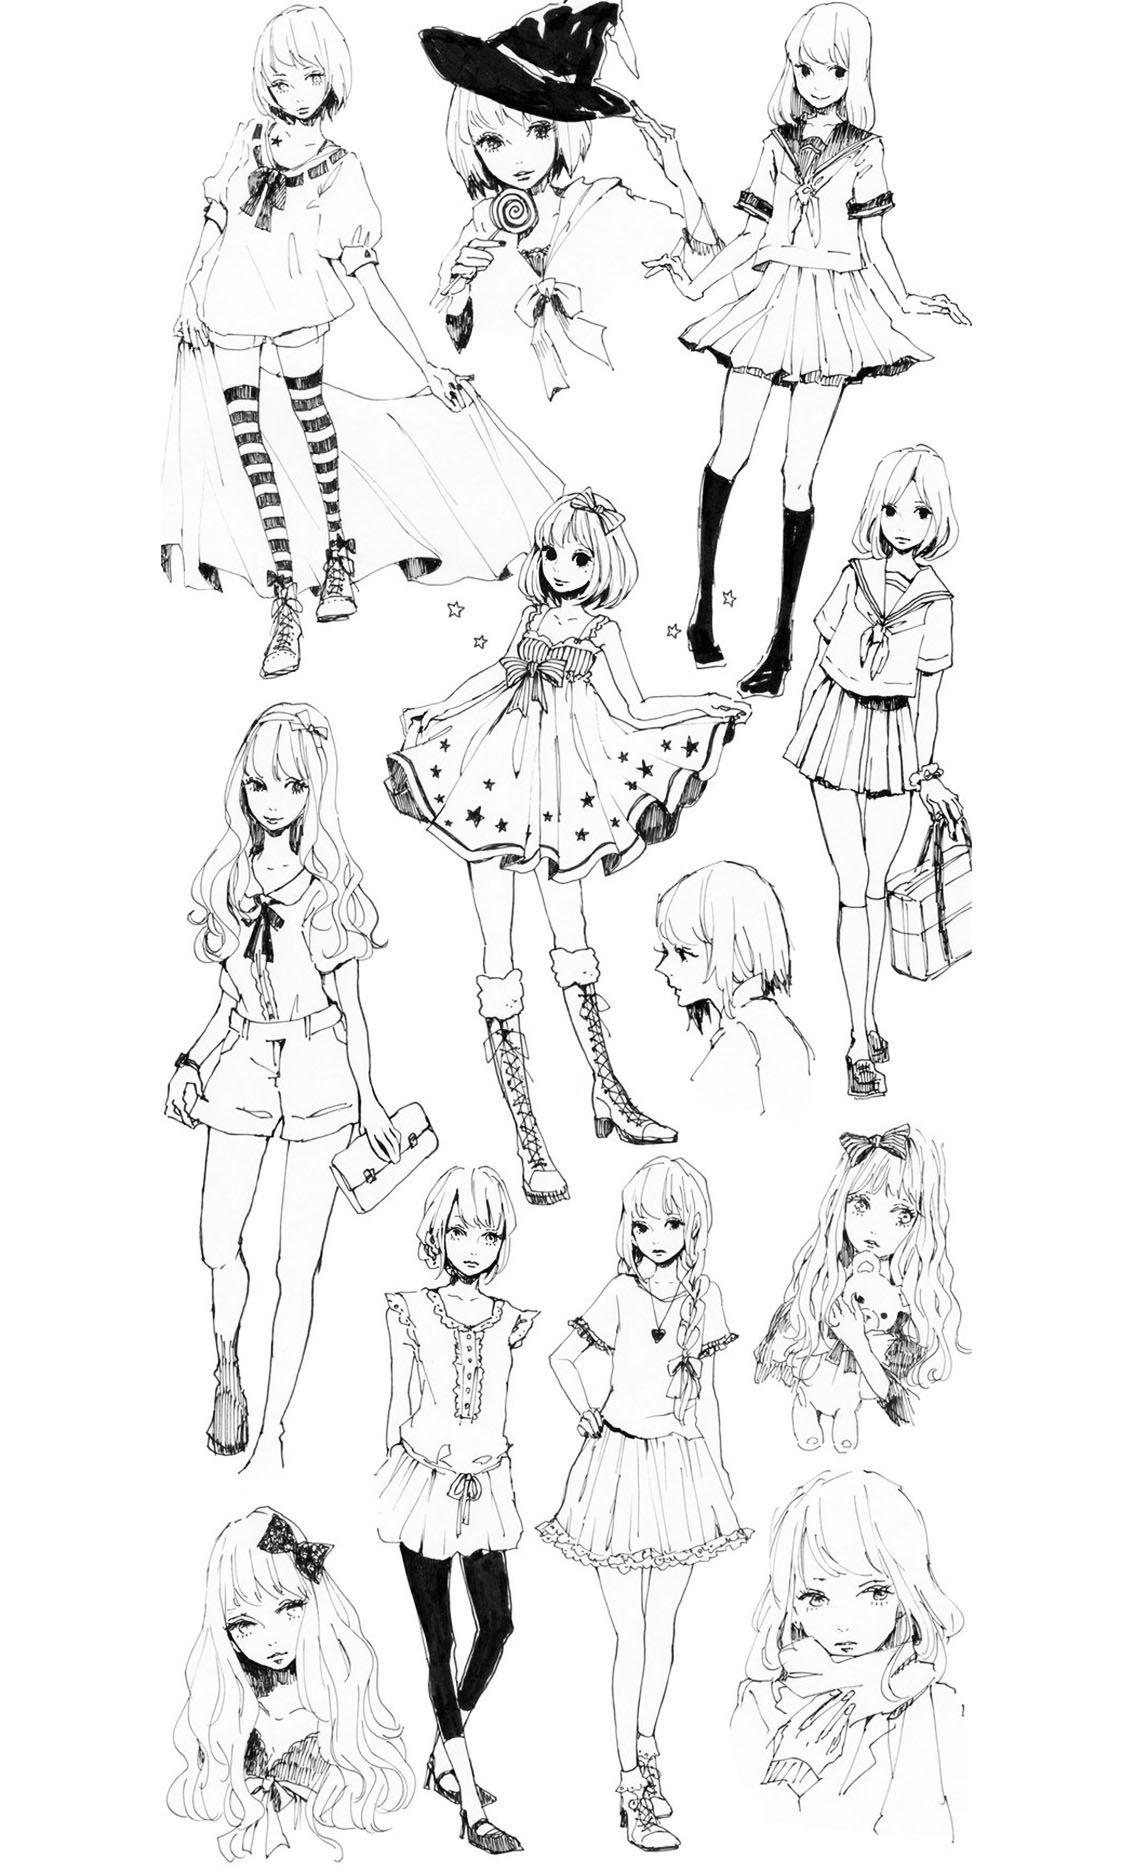 Nouveau Image De Manga A Imprimer Gratuitement